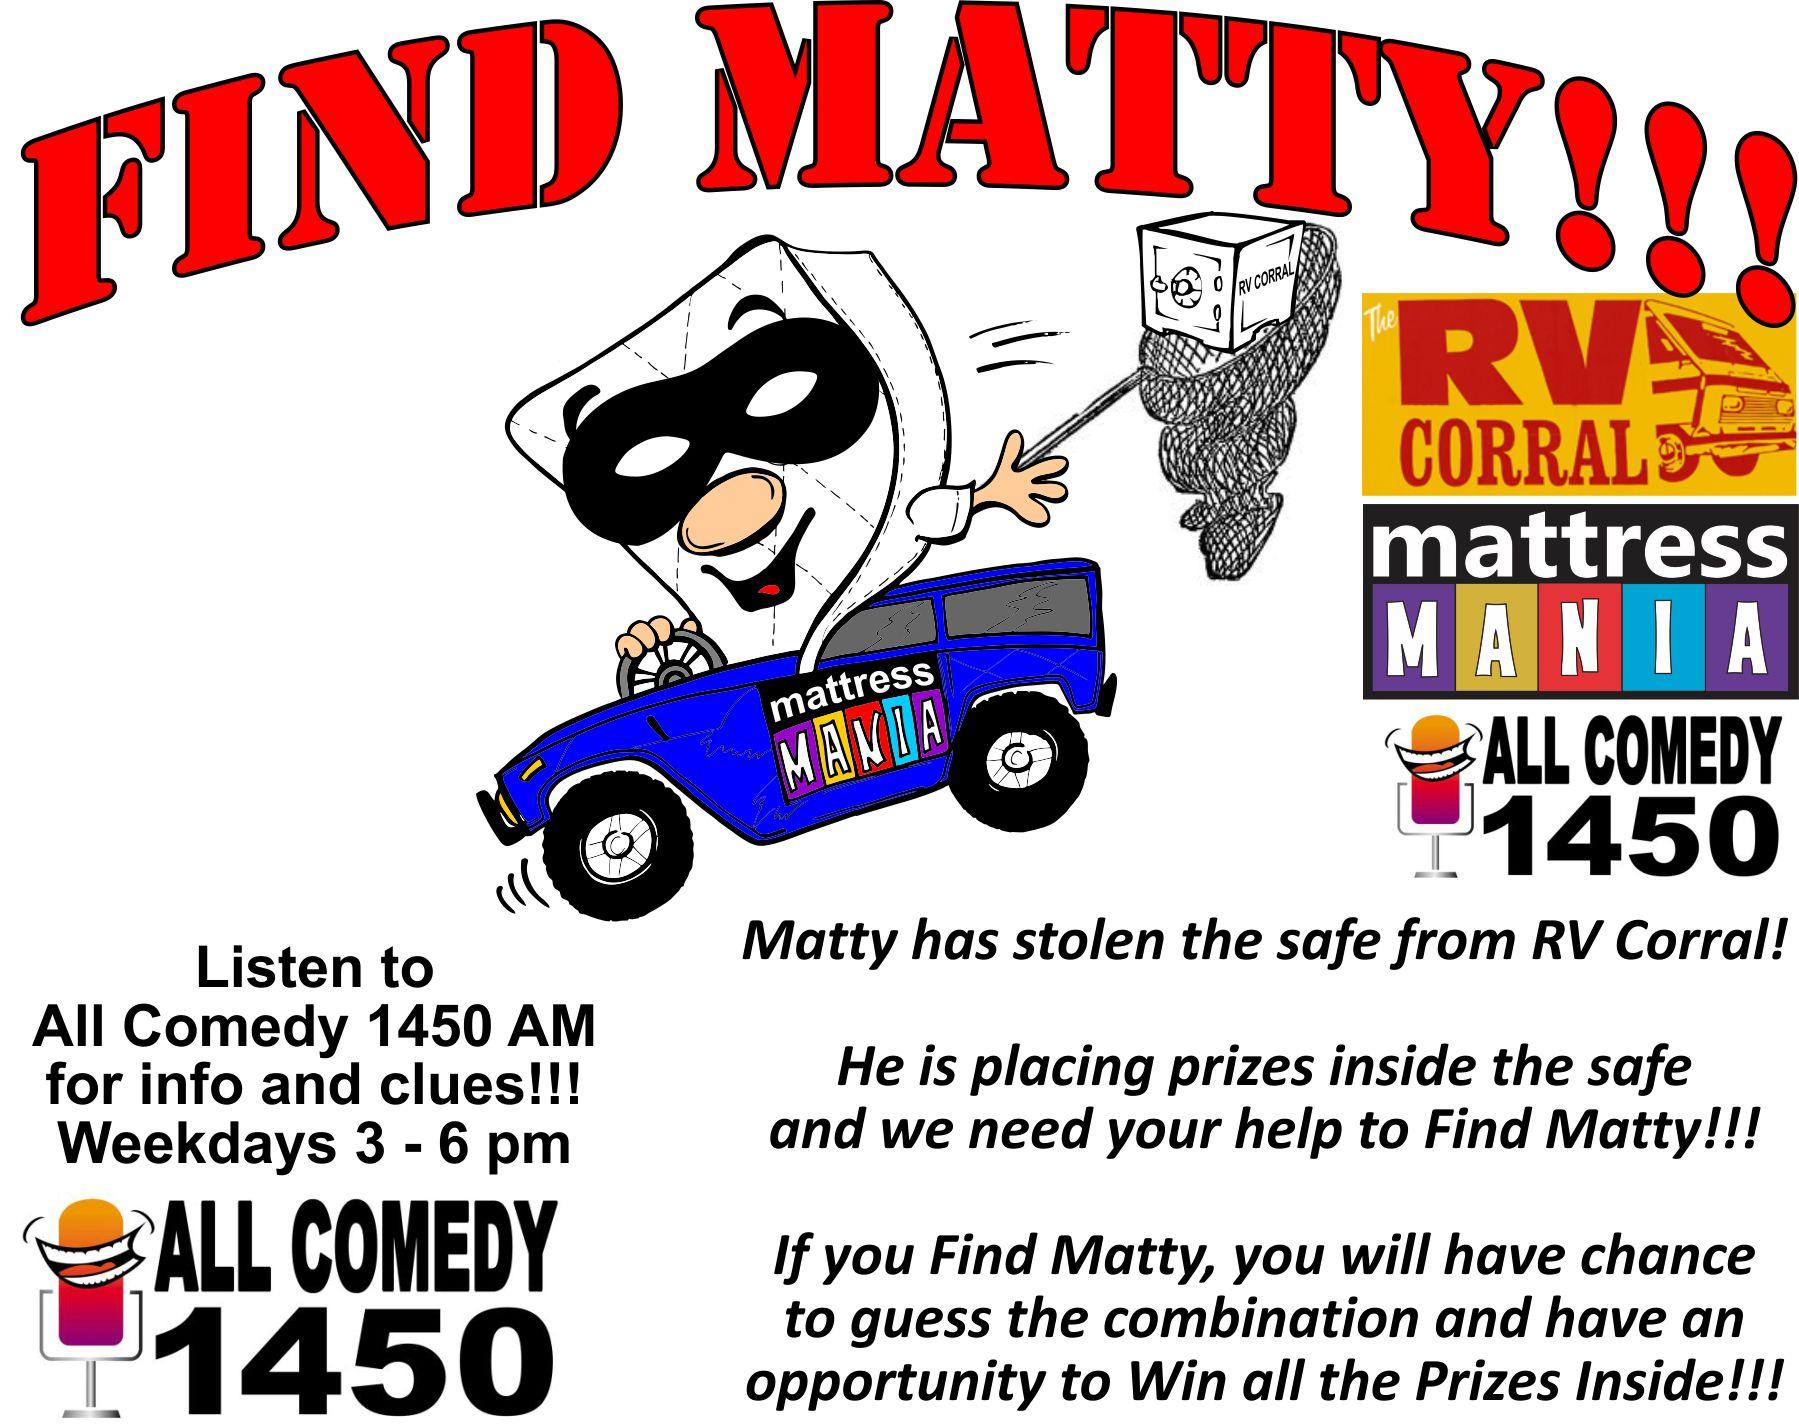 Find Matty Info Graphic